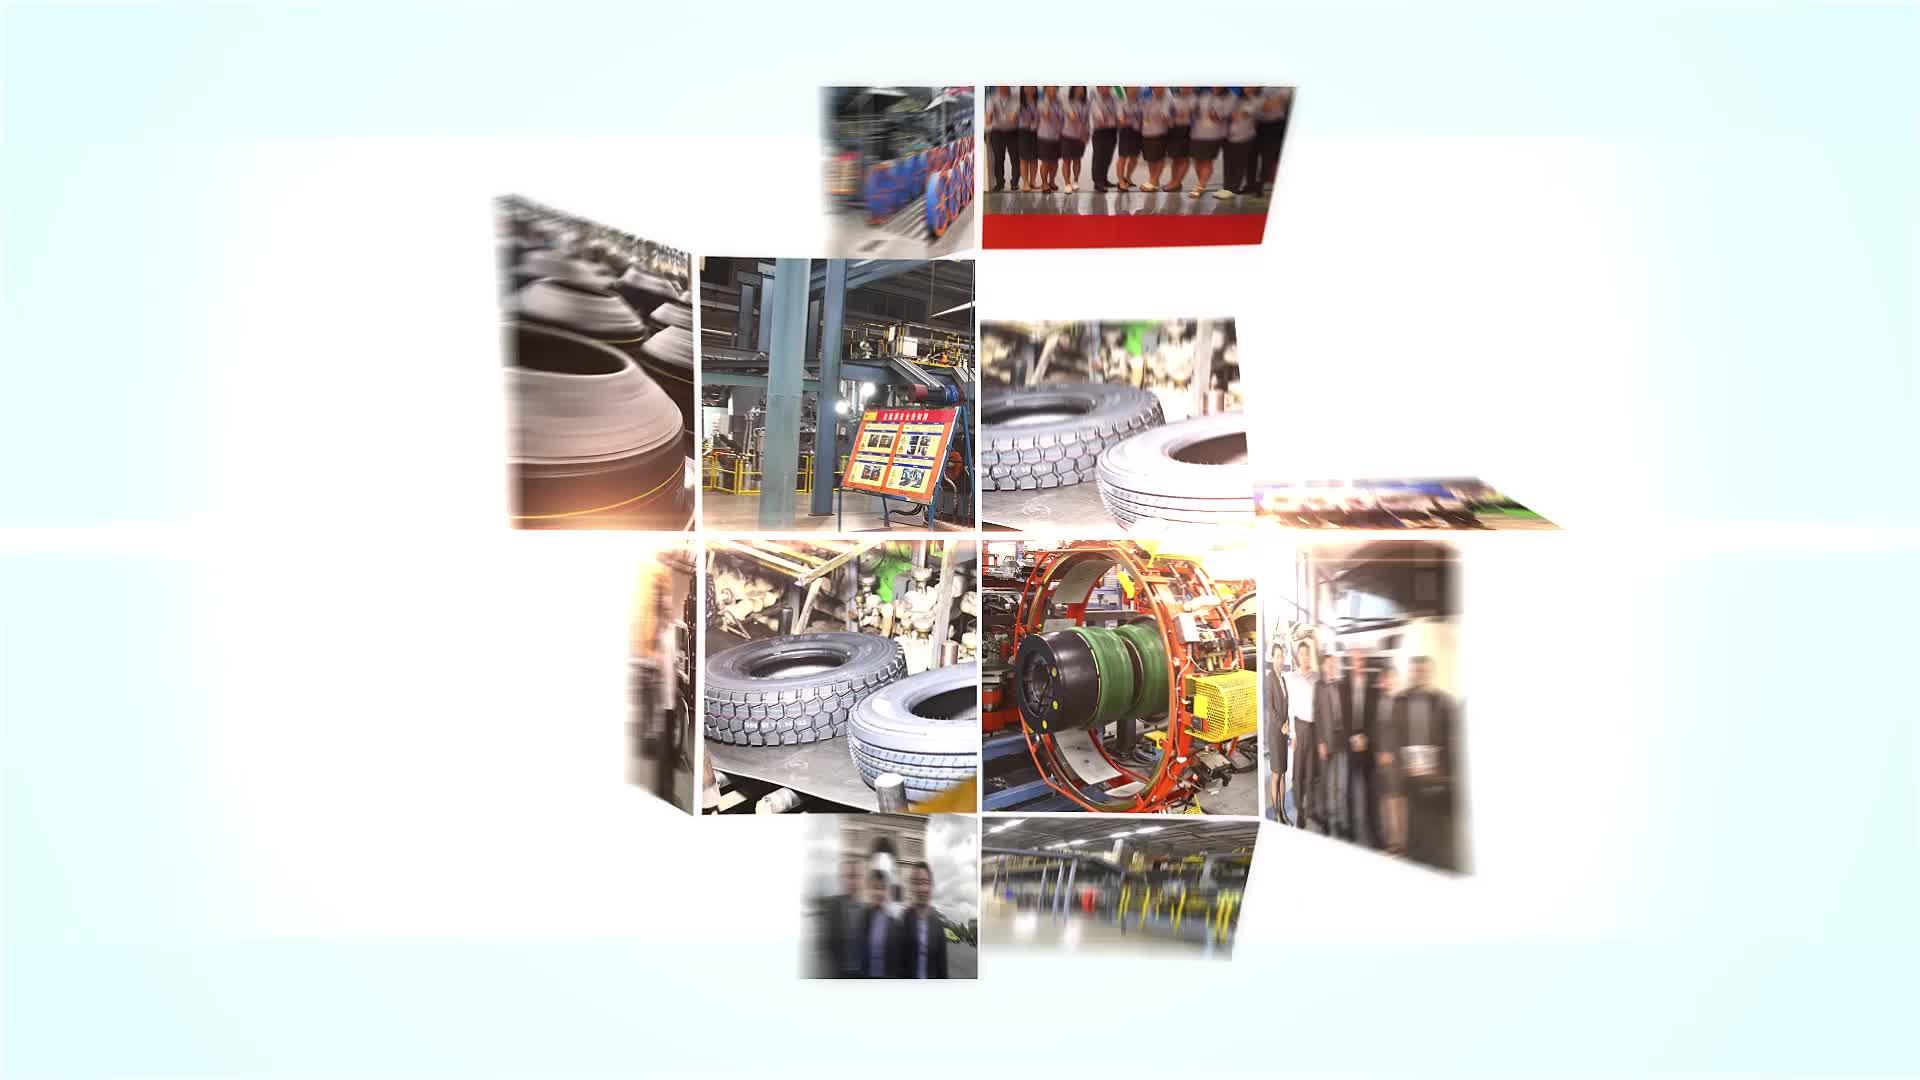 Lốp xe lốp xe xe 205 55 16 lốp xe Sản Xuất Tại Trung Quốc